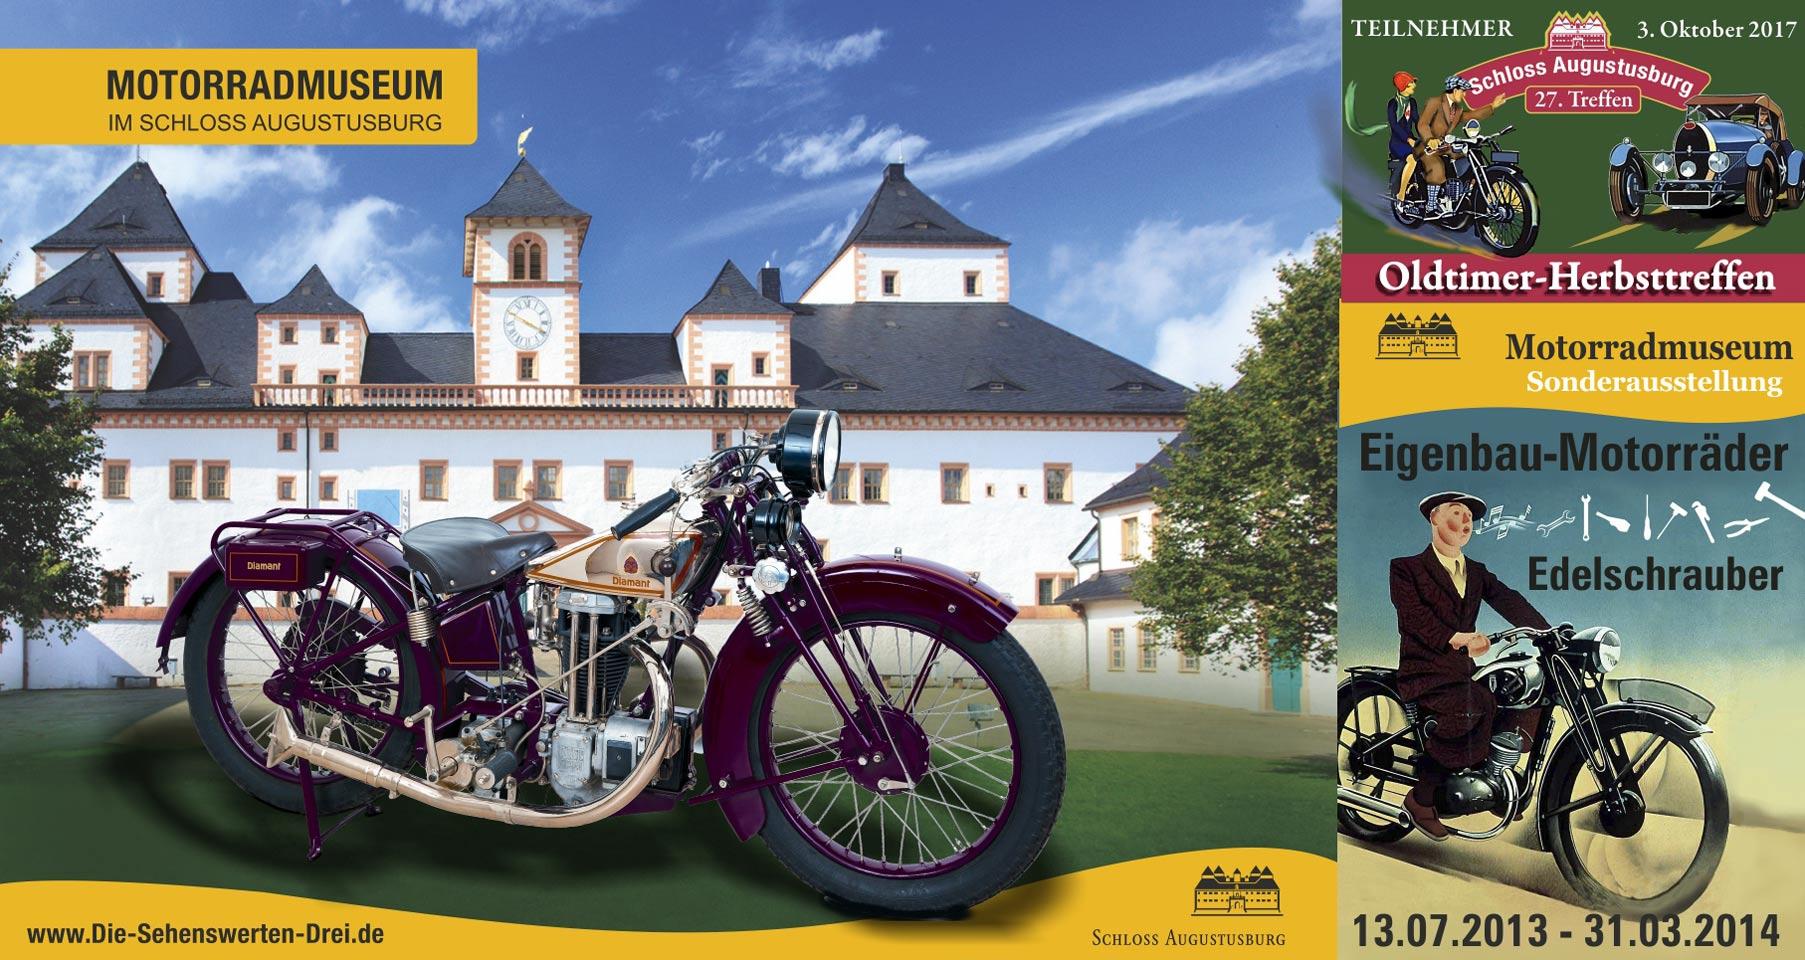 Drucksache Motorradausstellung Augustusburg